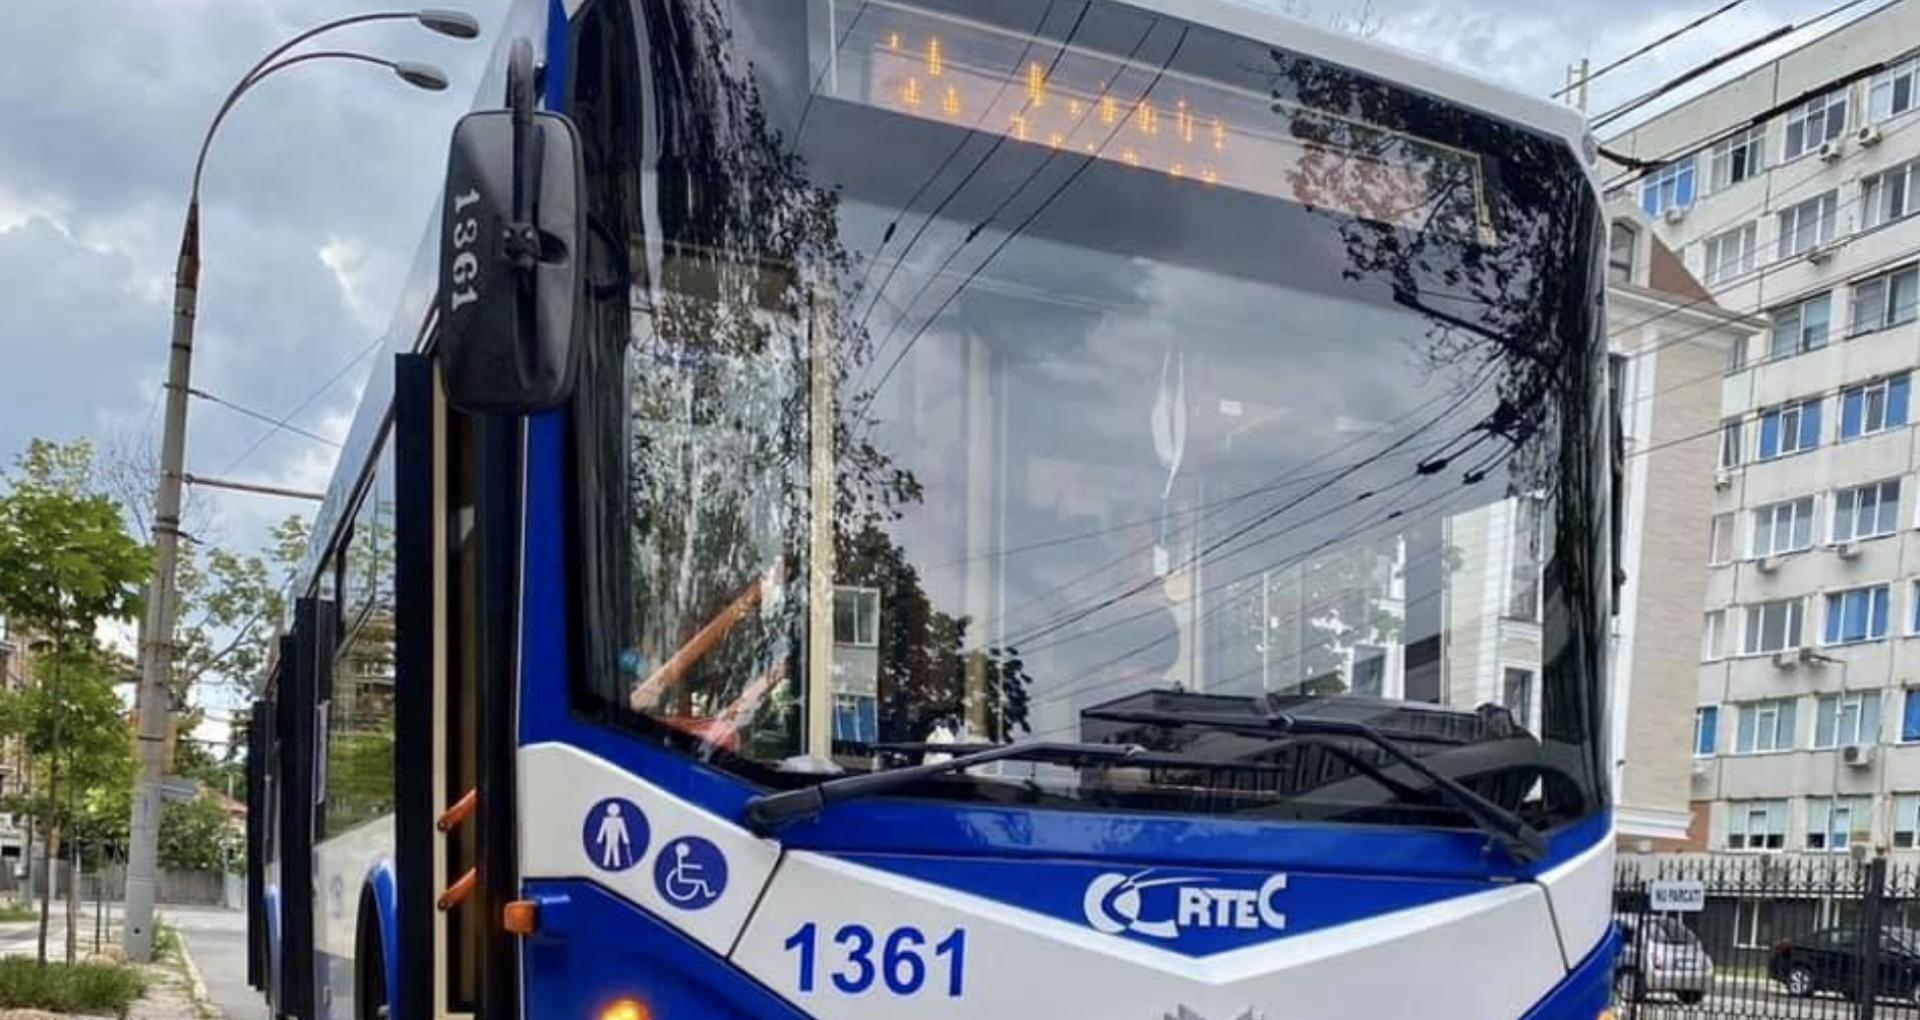 Alte opt troleibuze noi vor ajunge în curând pe străzile capitalei